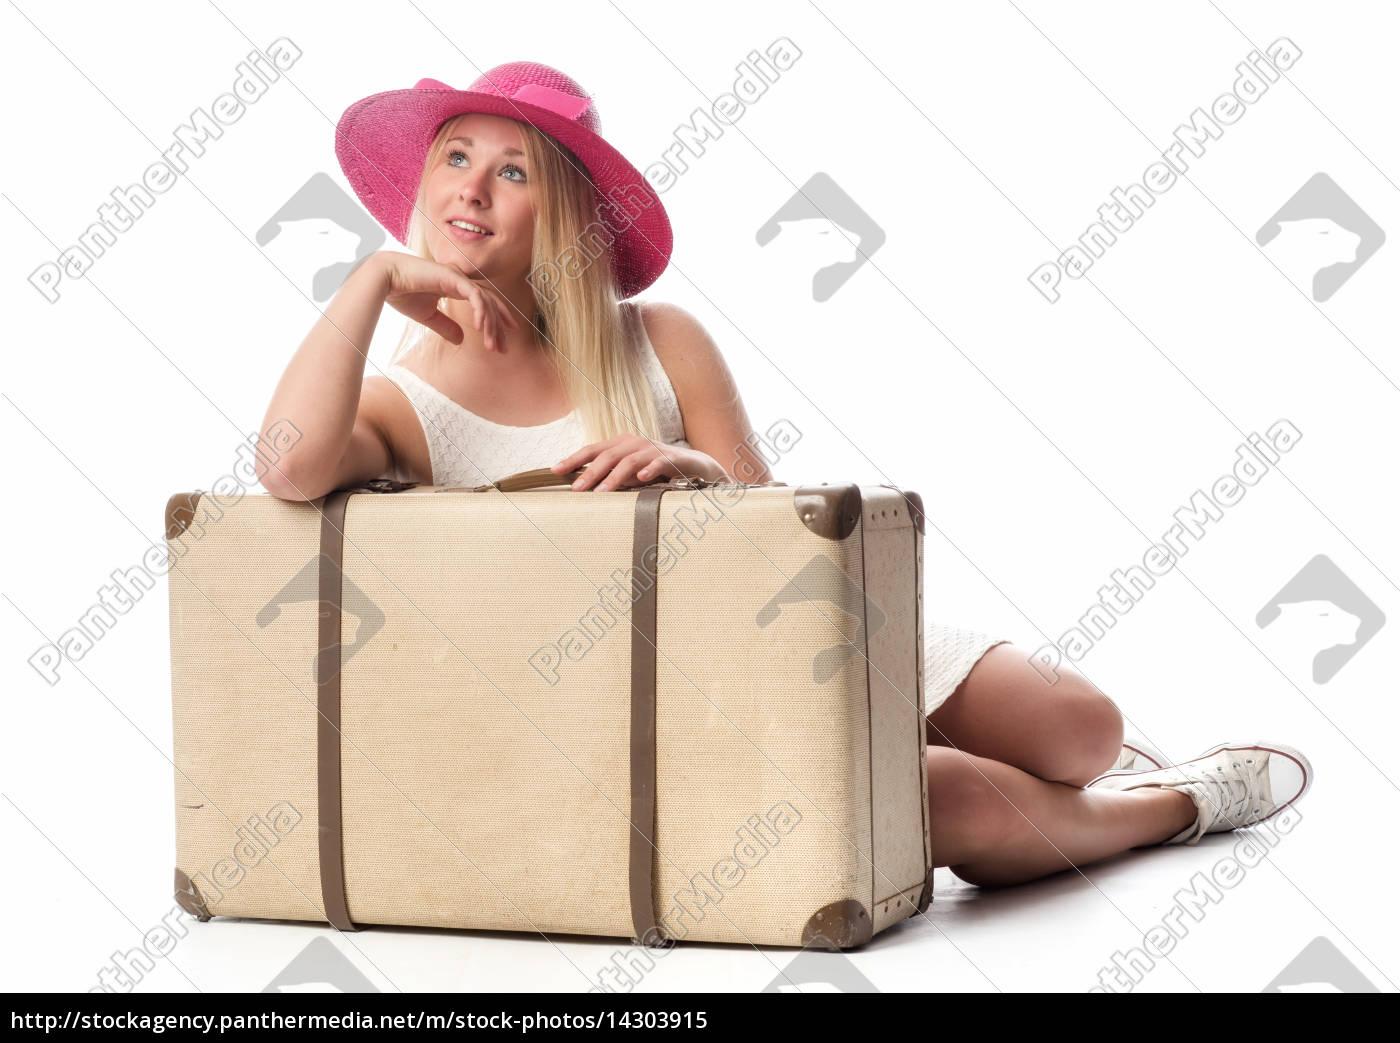 mädchen, mit, reisekoffer, schaut, glücklich, nach - 14303915